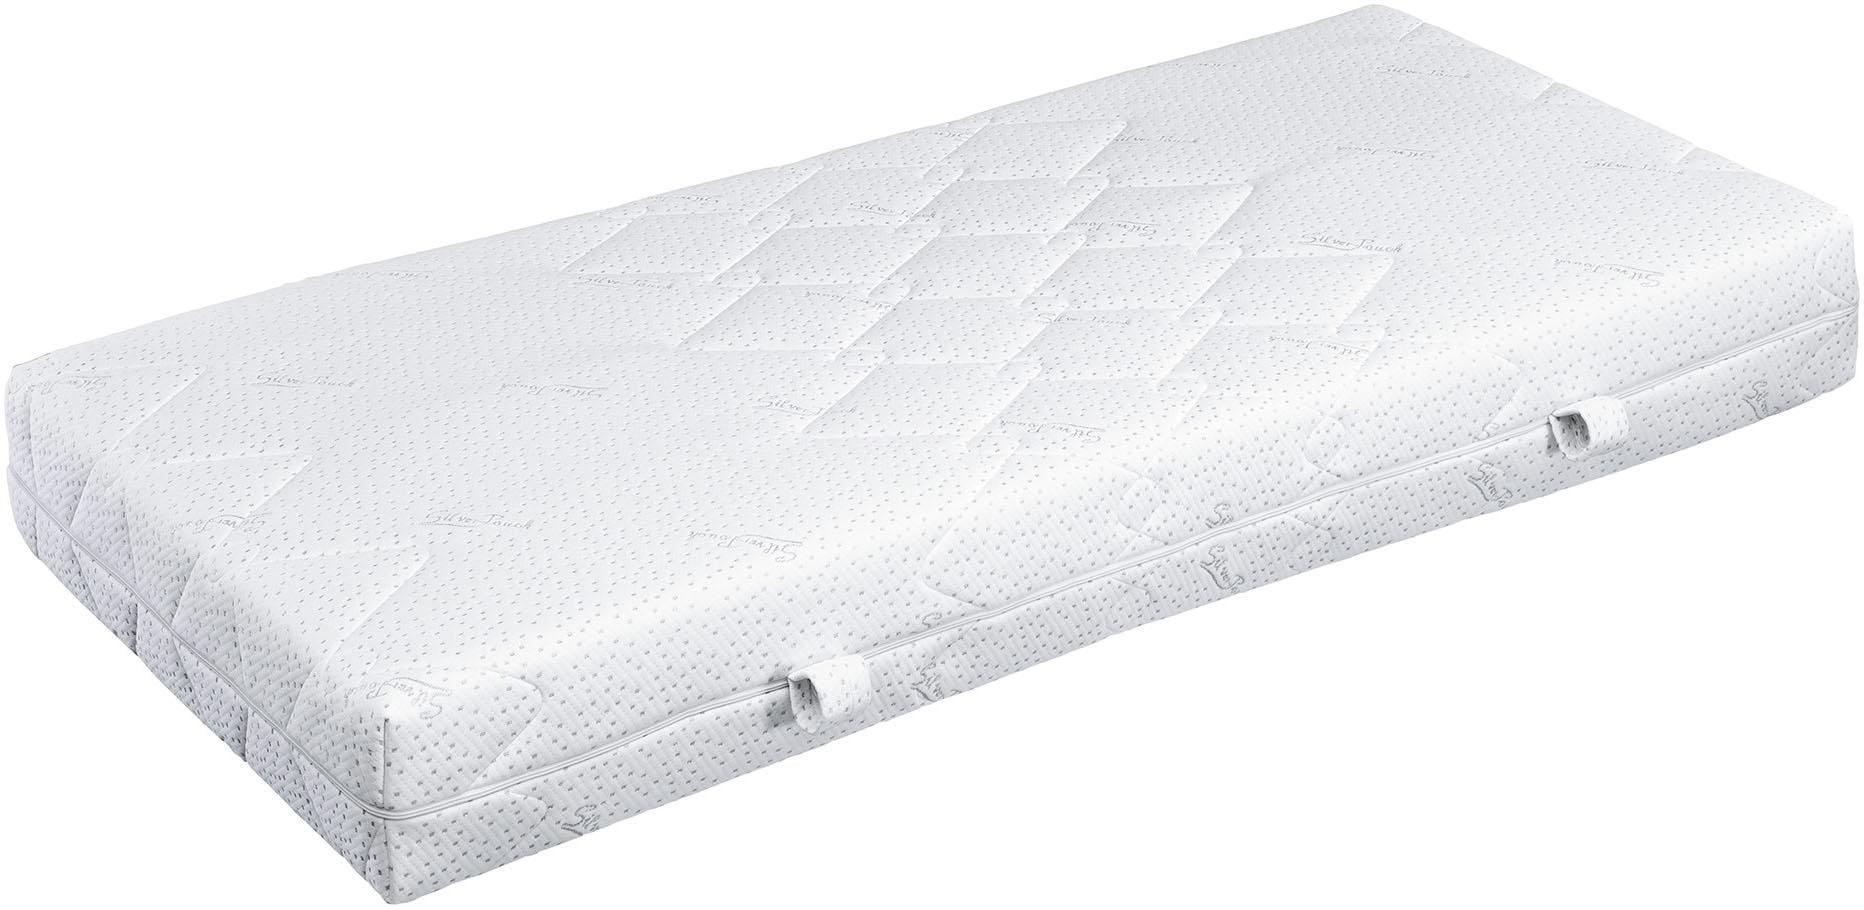 Kaltschaummatratze Silvermoon 7-Zonen Kaltschaummatratze KBT Bettwaren 22 cm hoch